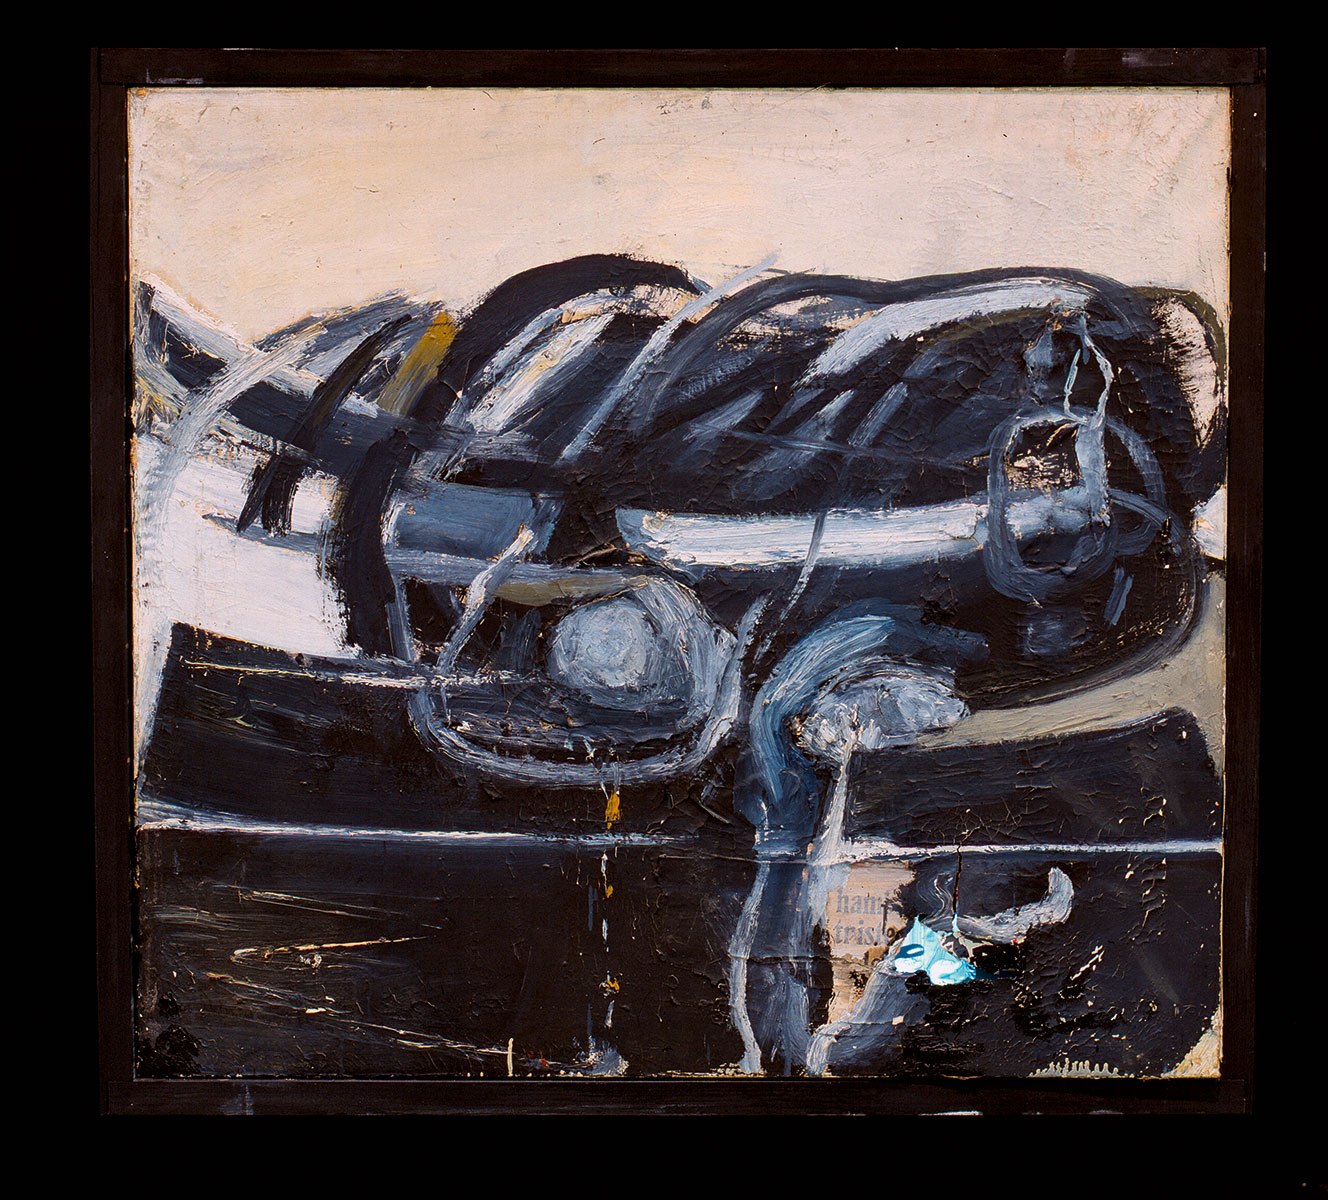 Wolf Vostell, Transmigración II, 1958, 91 × 102 × 40 cm; Zentrum für Kunst und Medientechnologie Karlsruhe